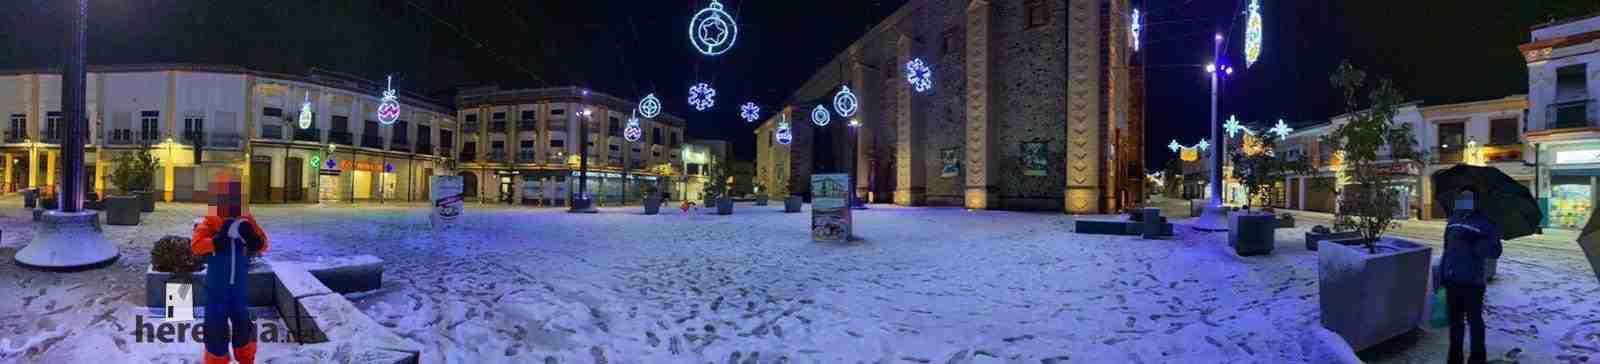 Fotografías de la nevada en Herencia (Ciudad Real) 51